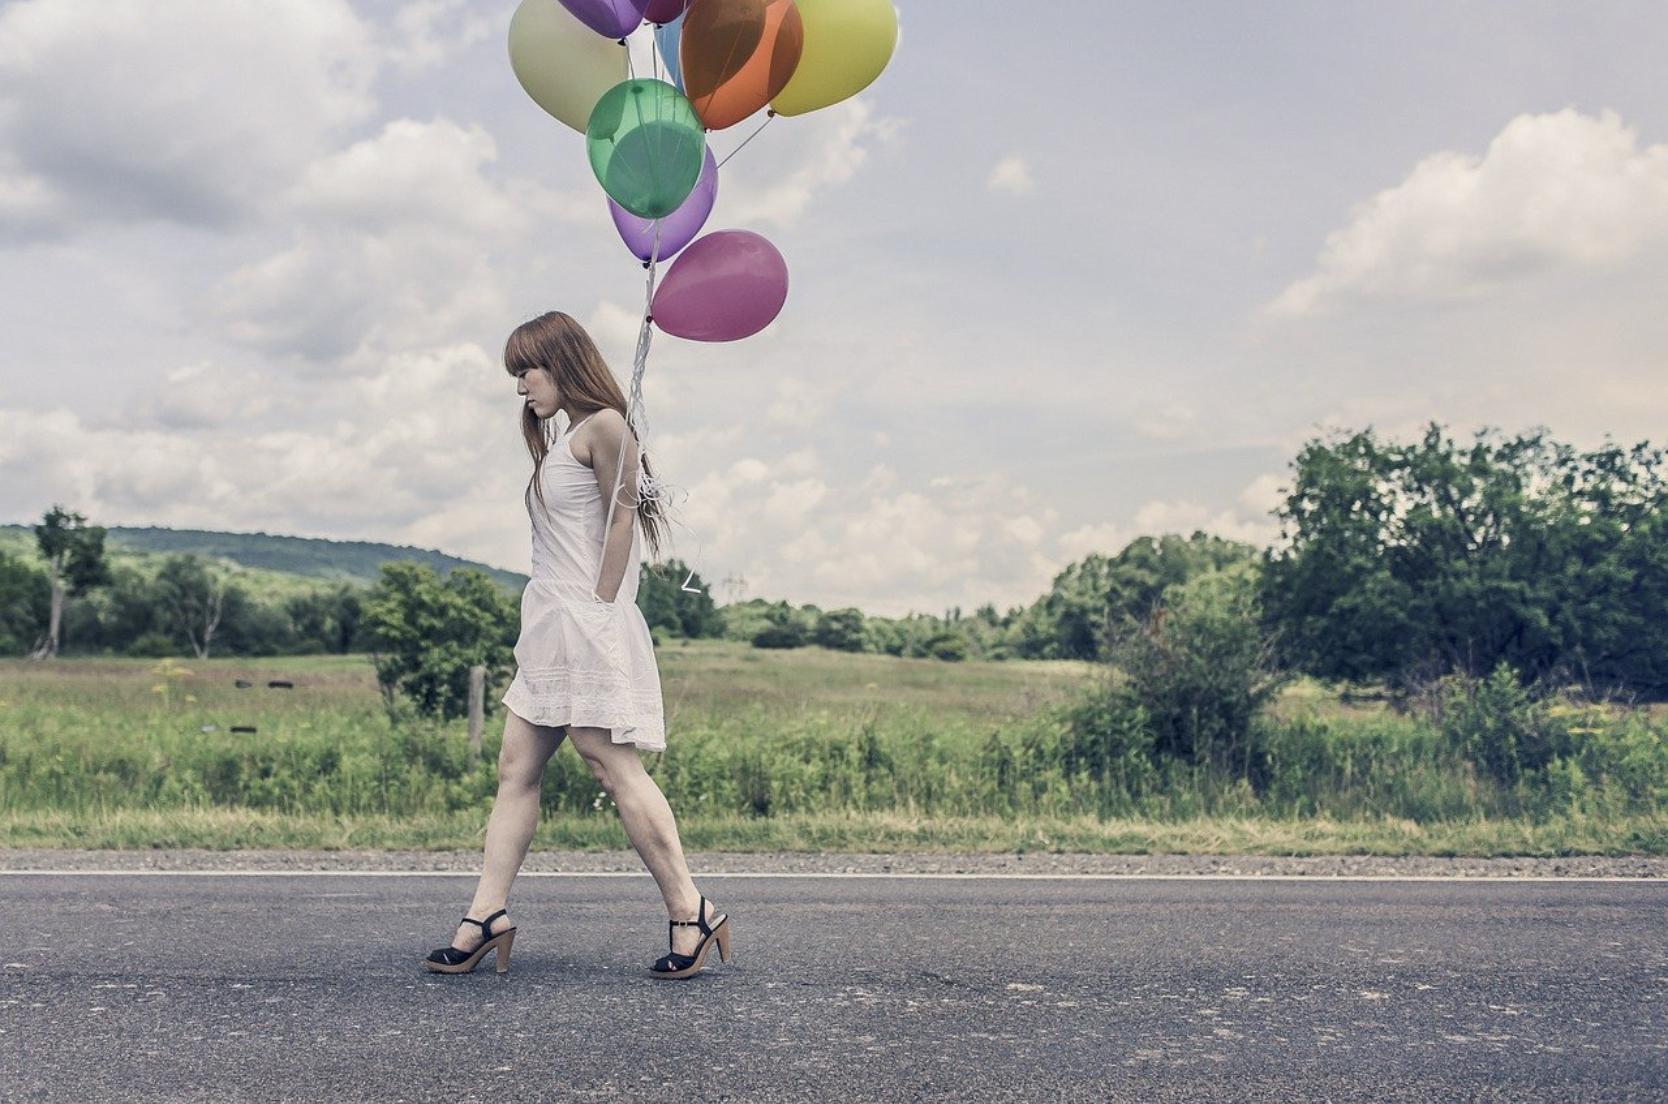 MV: Jugendweihe-Feiern wegen der Corona-Pandemie verschoben